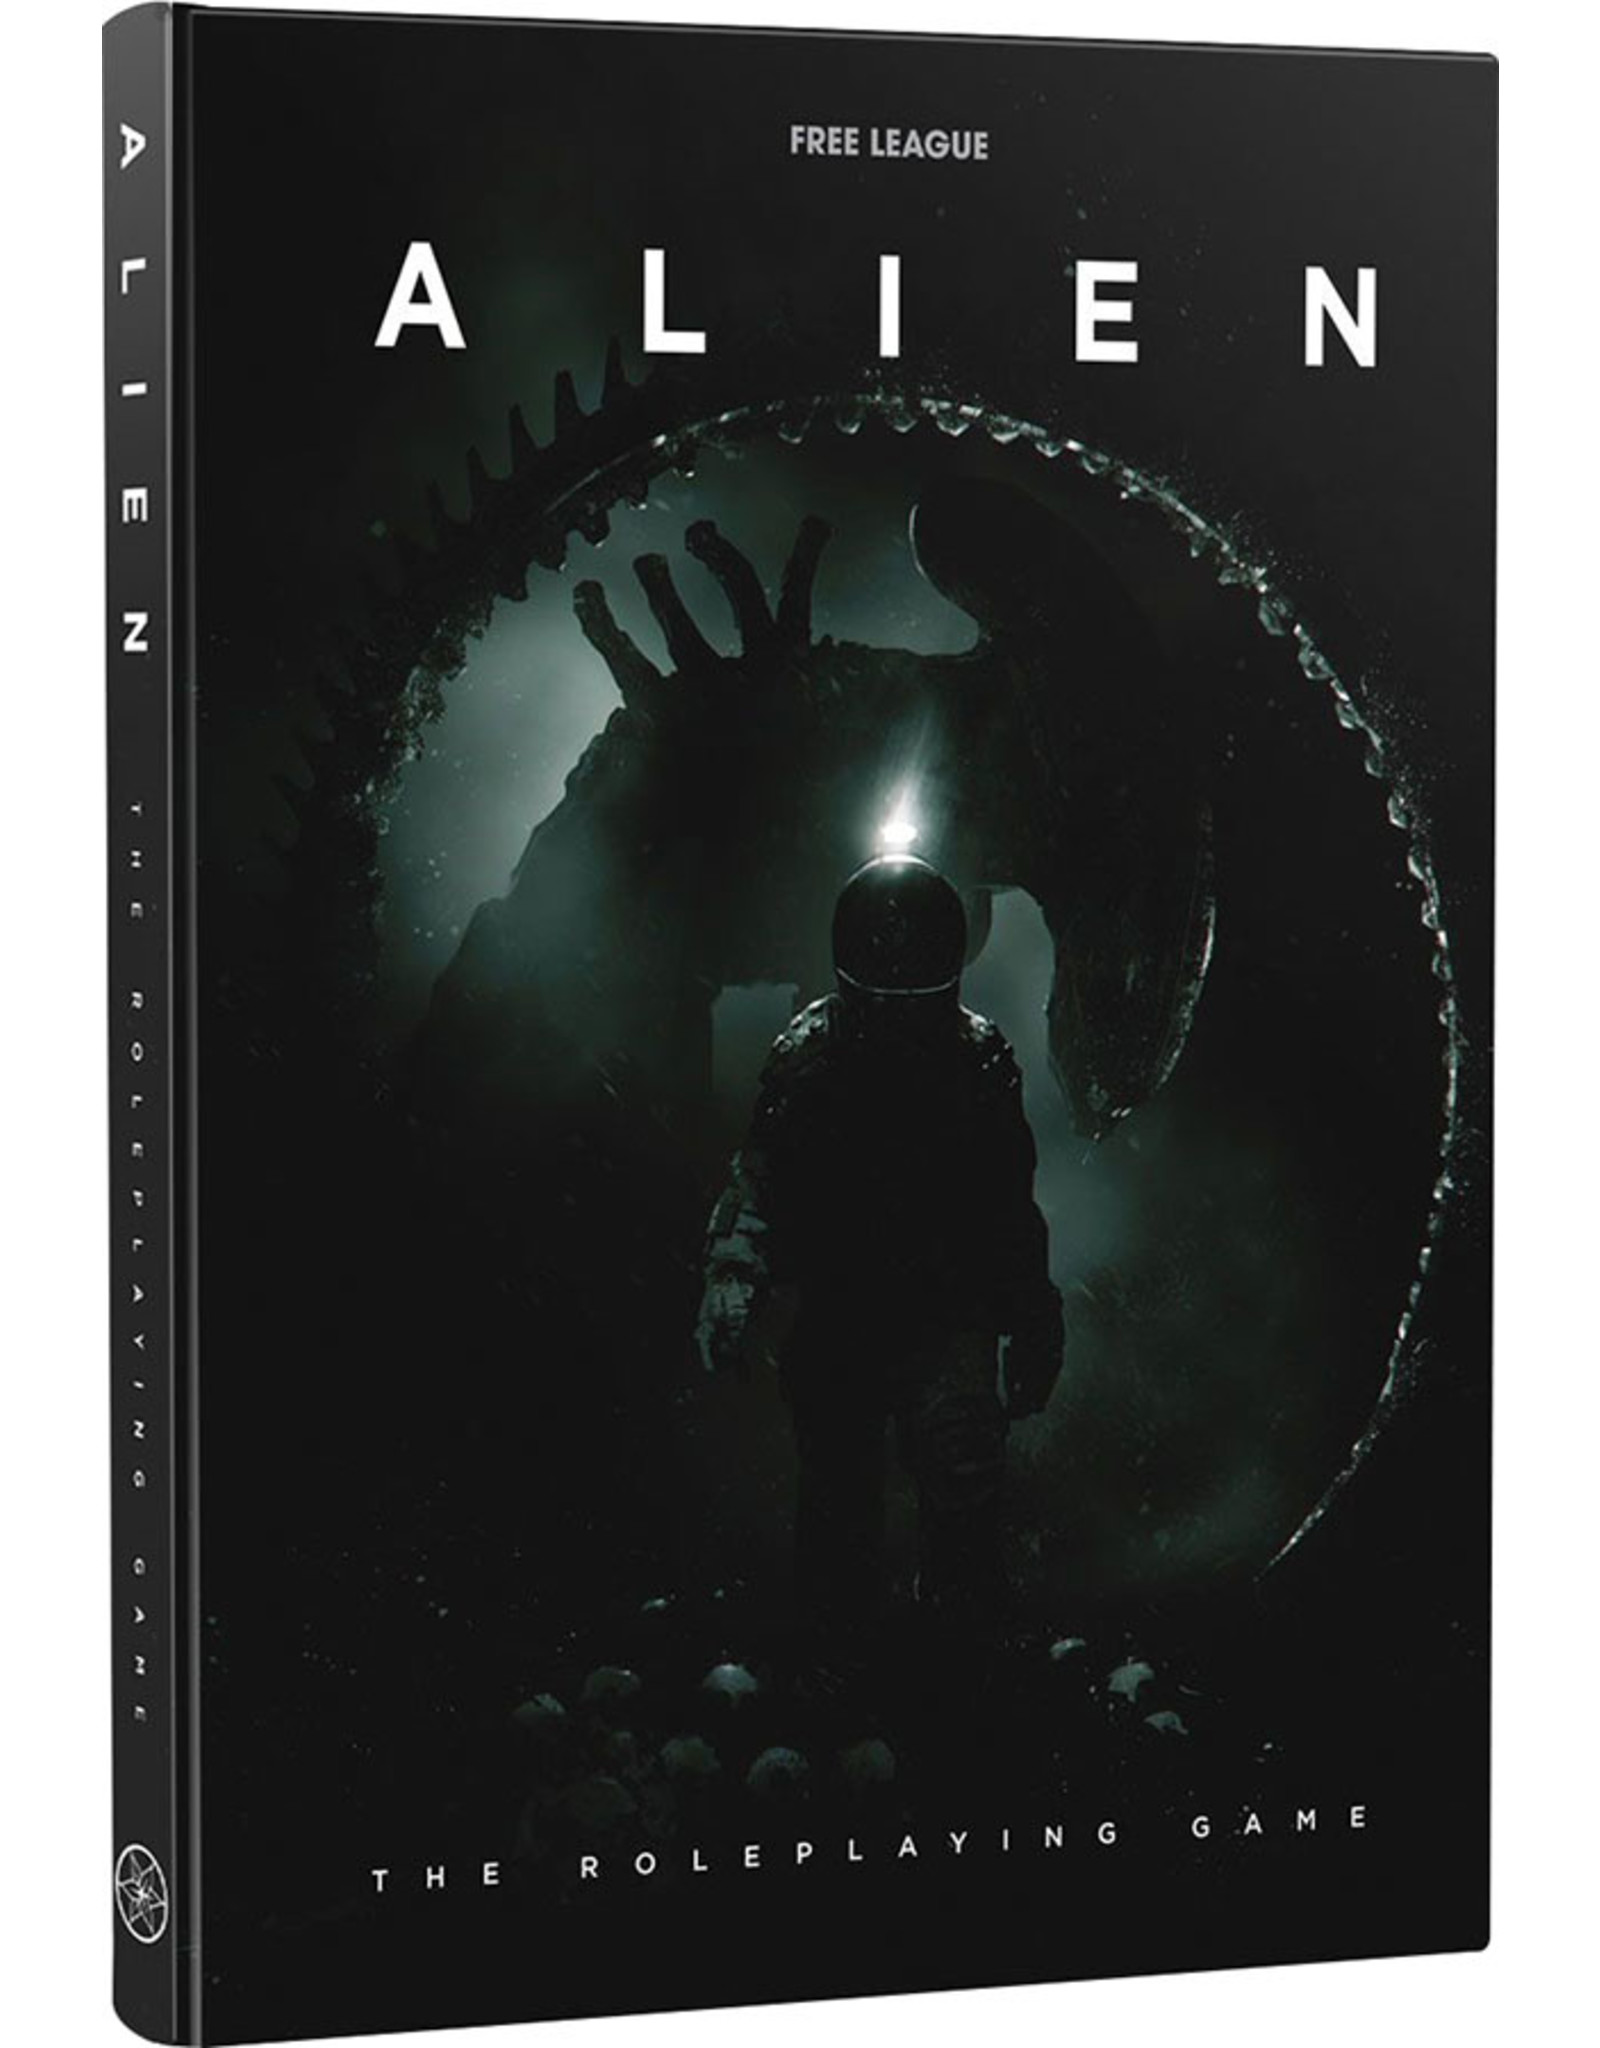 Free League Publishing Alien RPG